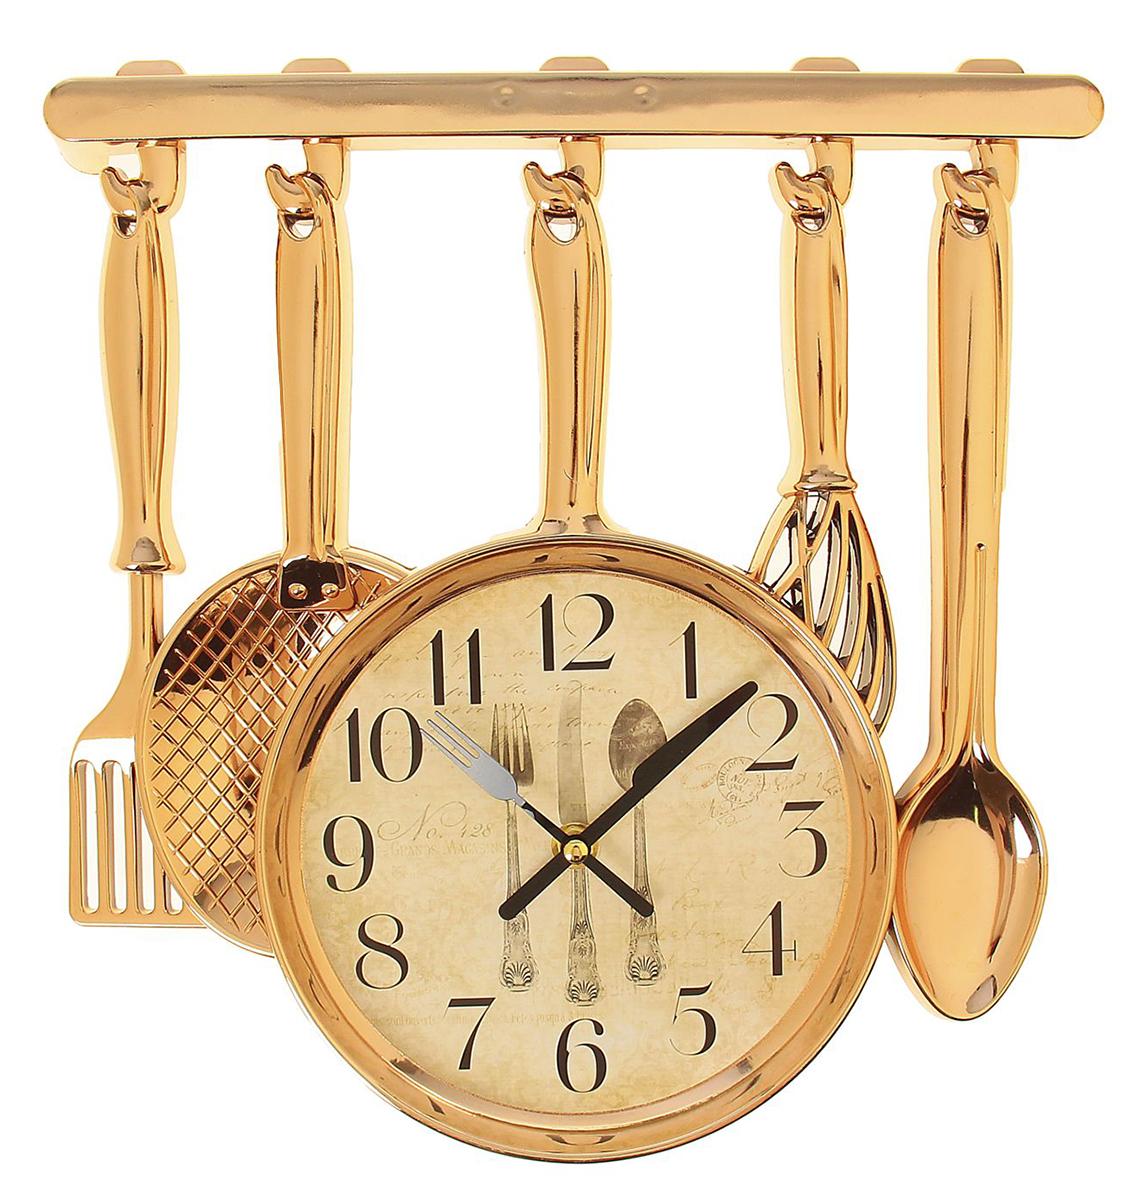 Часы настенные Приборы, 30 х 33 см1031072Каждому хозяину периодически приходит мысль обновить свою квартиру, сделать ремонт, перестановку или кардинально поменять внешний вид каждой комнаты. Часы настенные кухонные Столовые приборы, на циферблате нож, вилка, ложка, золотистые — привлекательная деталь, которая поможет воплотить вашу интерьерную идею, создать неповторимую атмосферу в вашем доме. Окружите себя приятными мелочами, пусть они радуют глаз и дарят гармонию.Часы настенные Навесные столовые приборы, золото, на циферблате Приборы, 30*33см 1031072